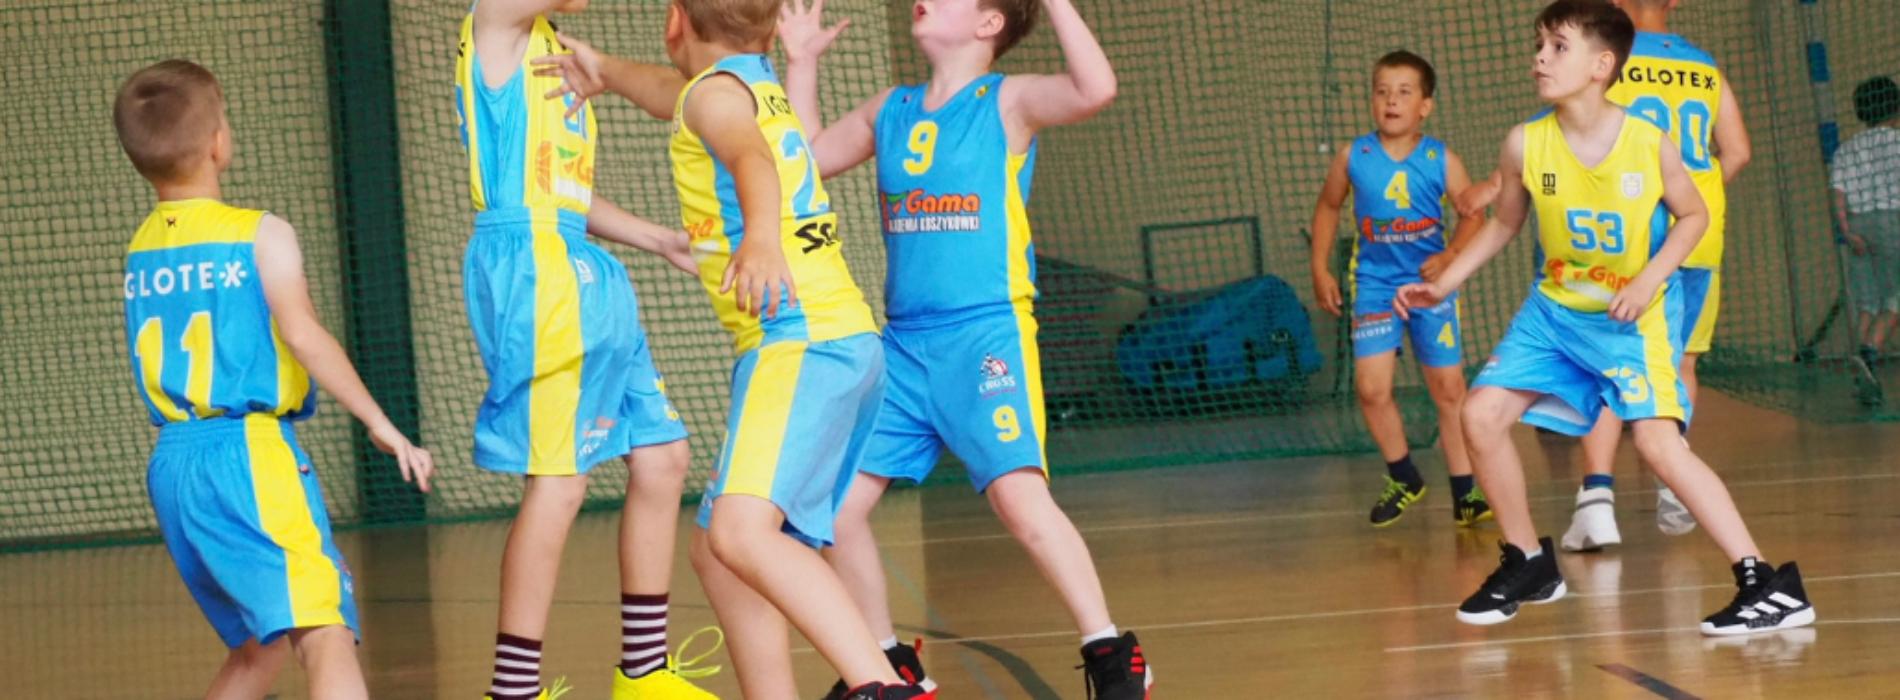 Mali koszykarze walczyli w turnieju